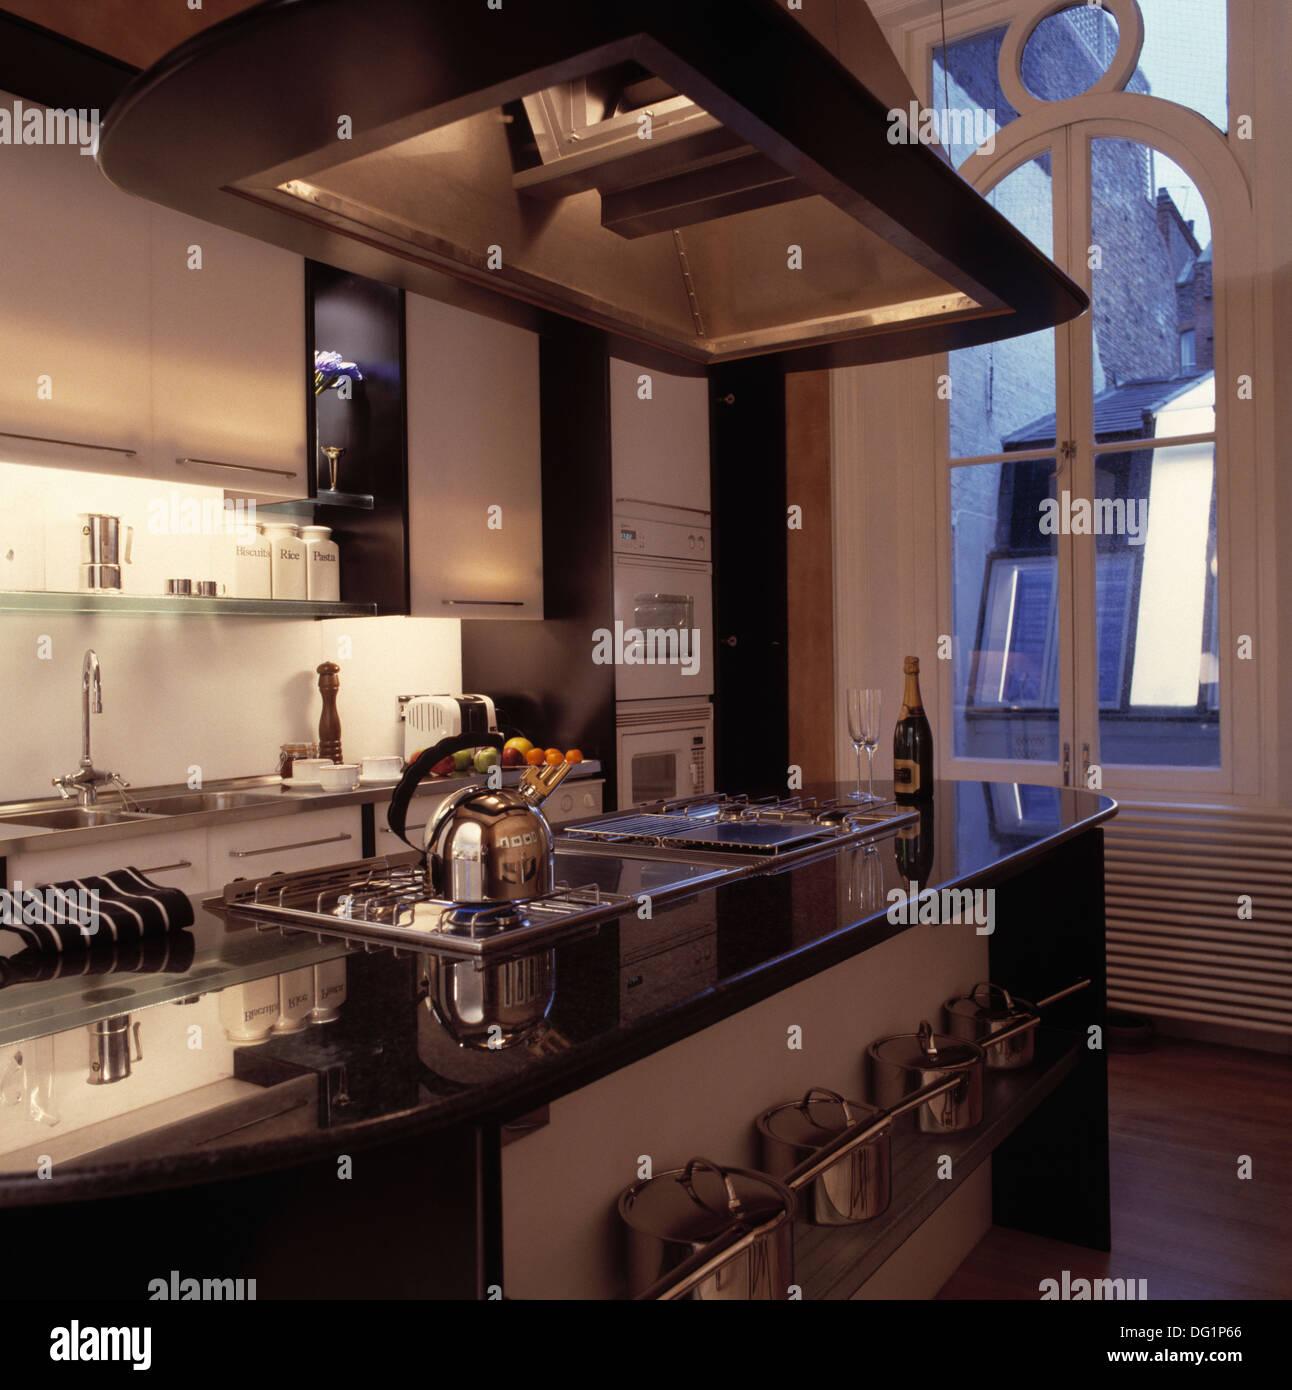 Große Abzugshaube über Insel Einheit Mit Alessi Wasserkocher Auf Kochfeld  In Modernen Stadtküche